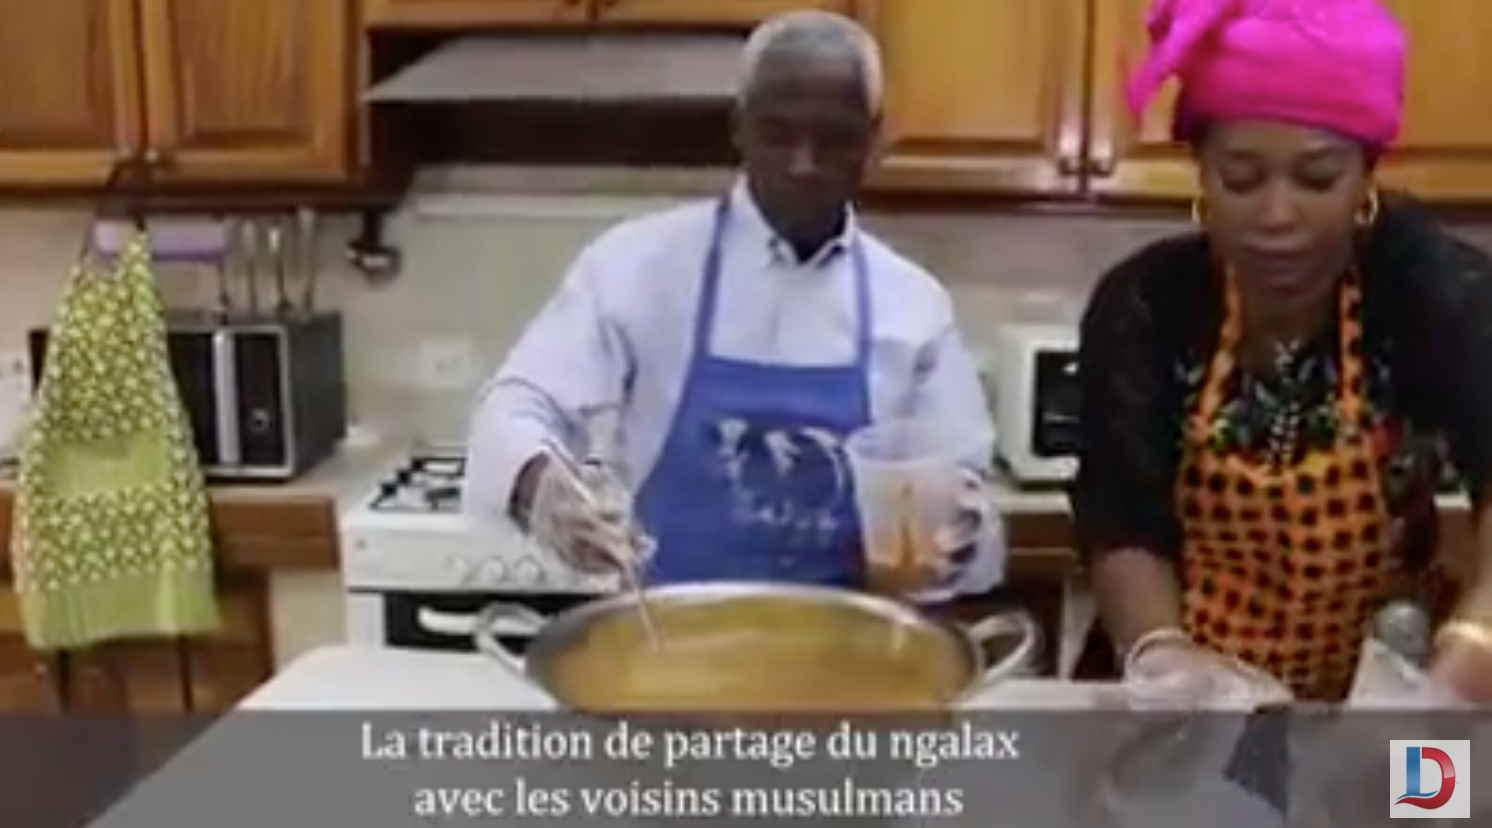 L'ambassadeur des États-Unis d'Amérique au Sénégal offre du Ngalakh